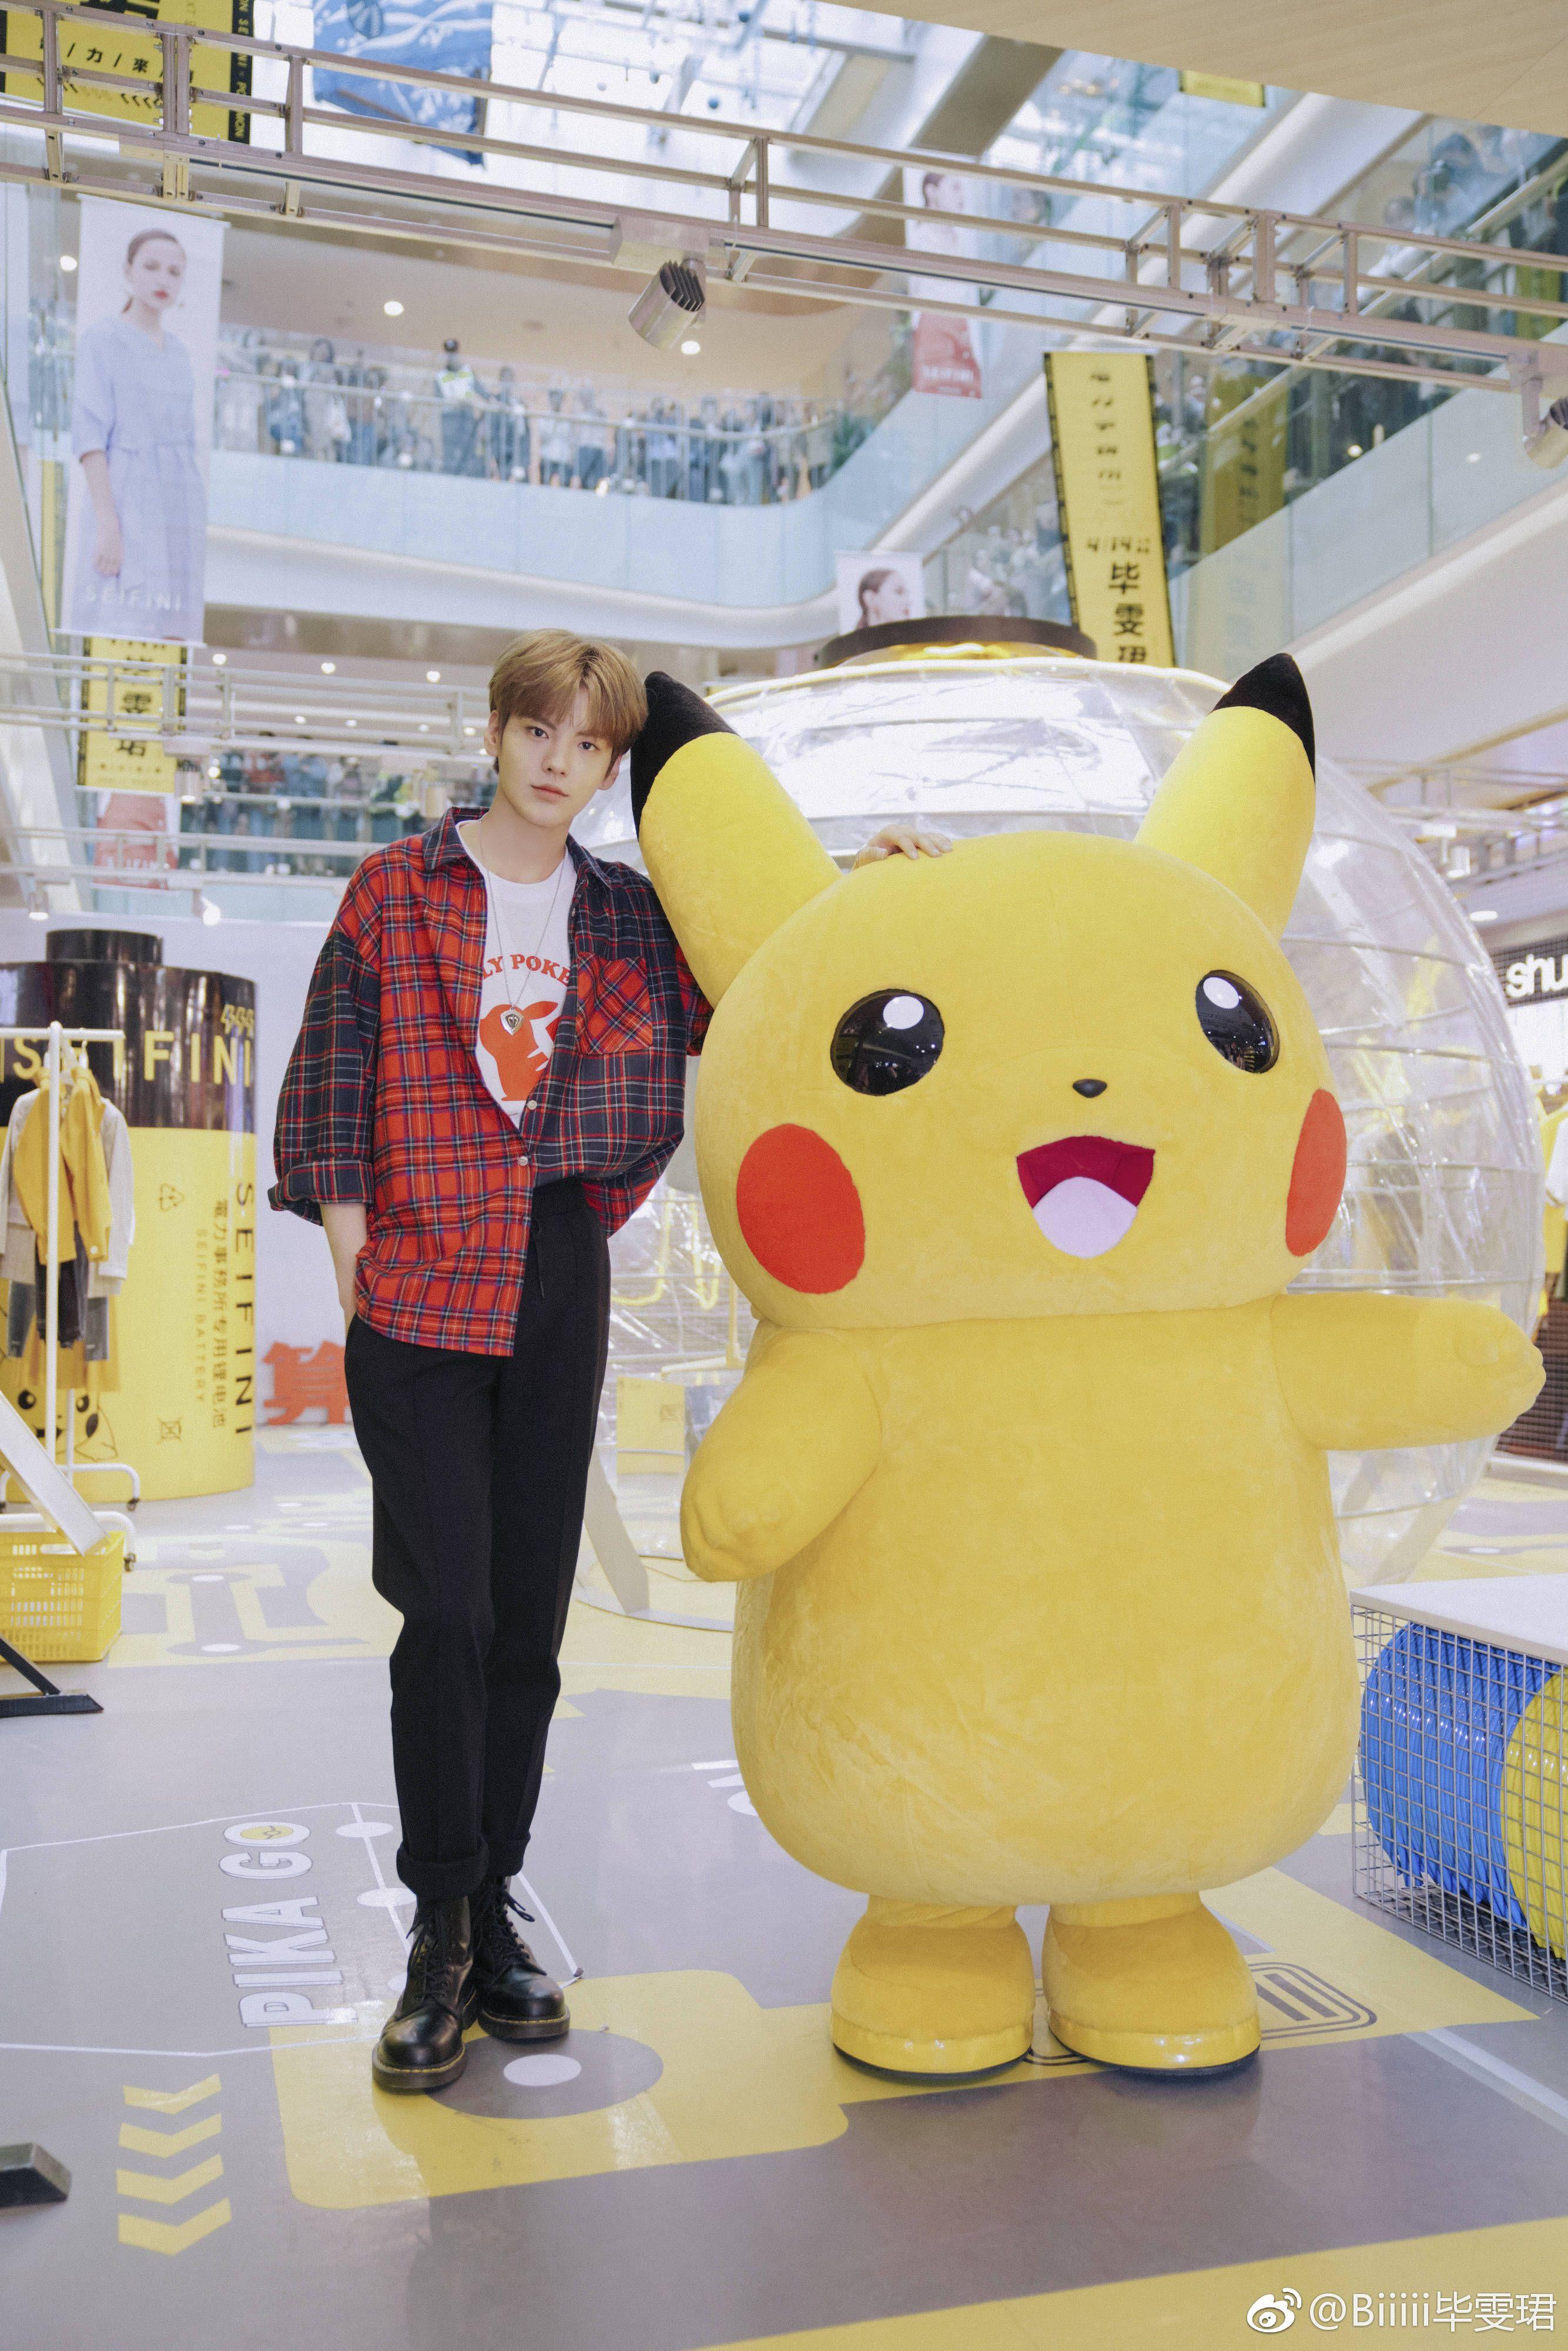 19+ Chinese pikachu info